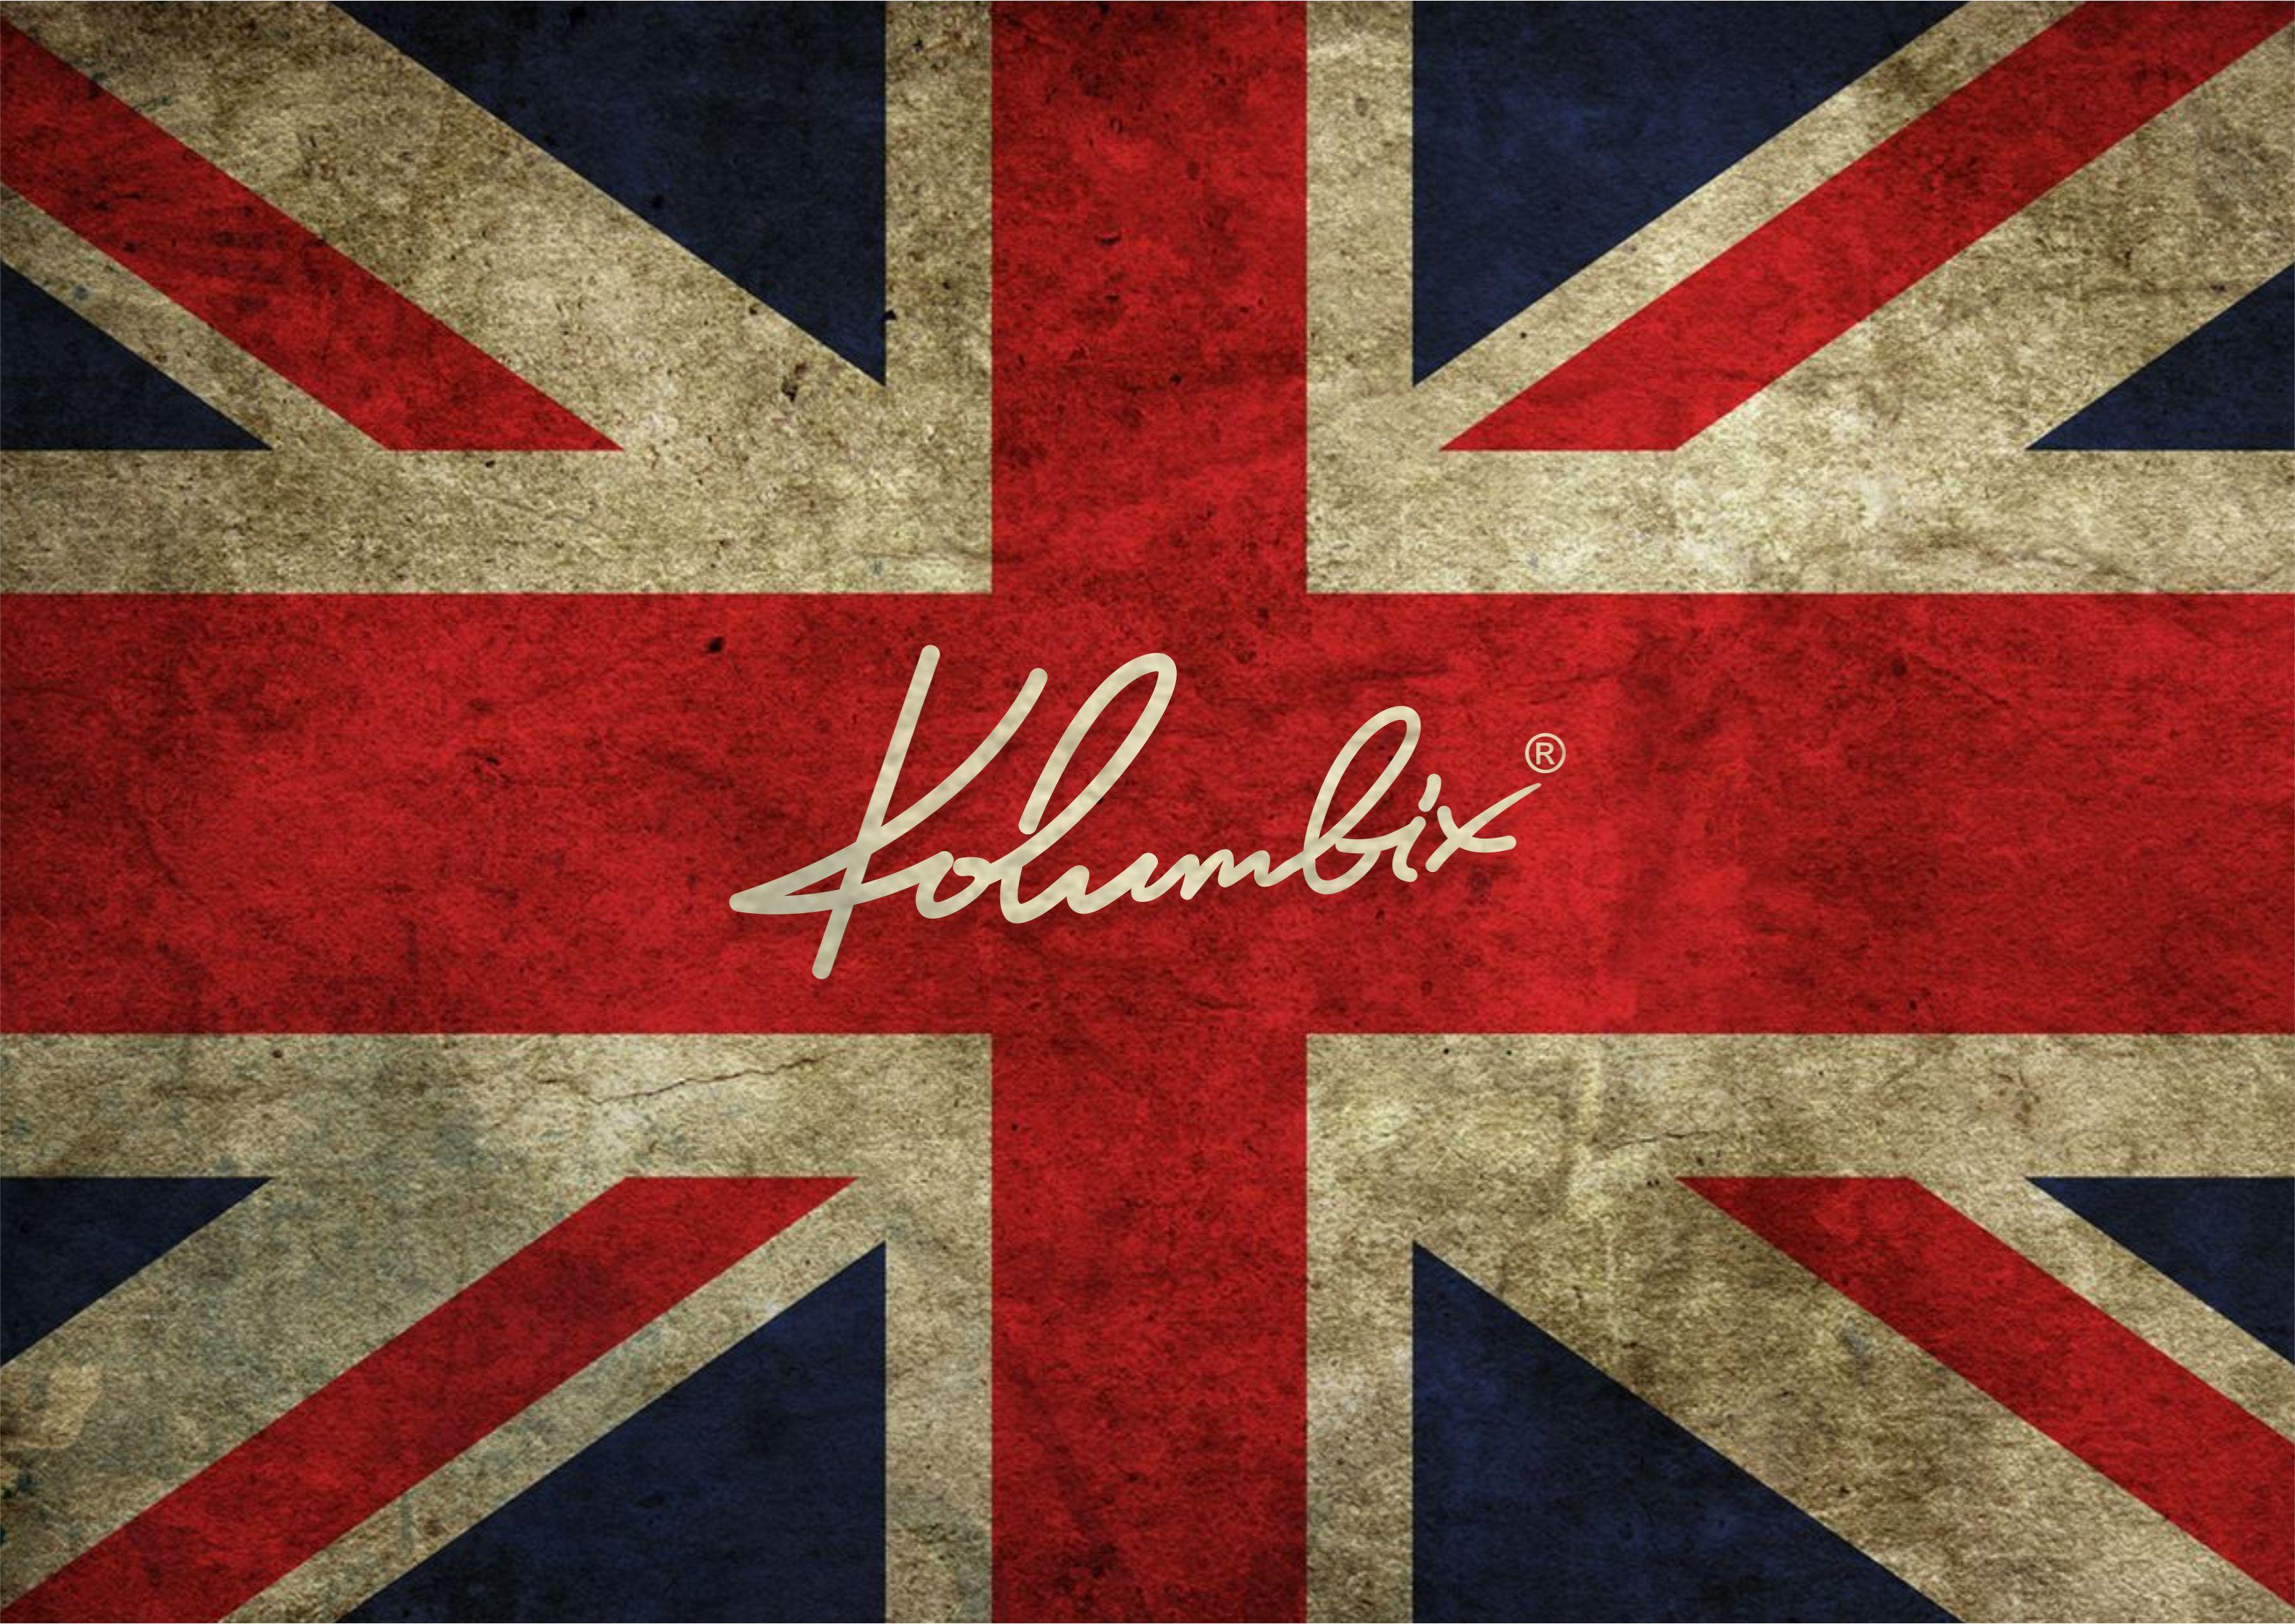 Создание логотипа для туристической фирмы Kolumbix фото f_4fb342eec37f6.jpg